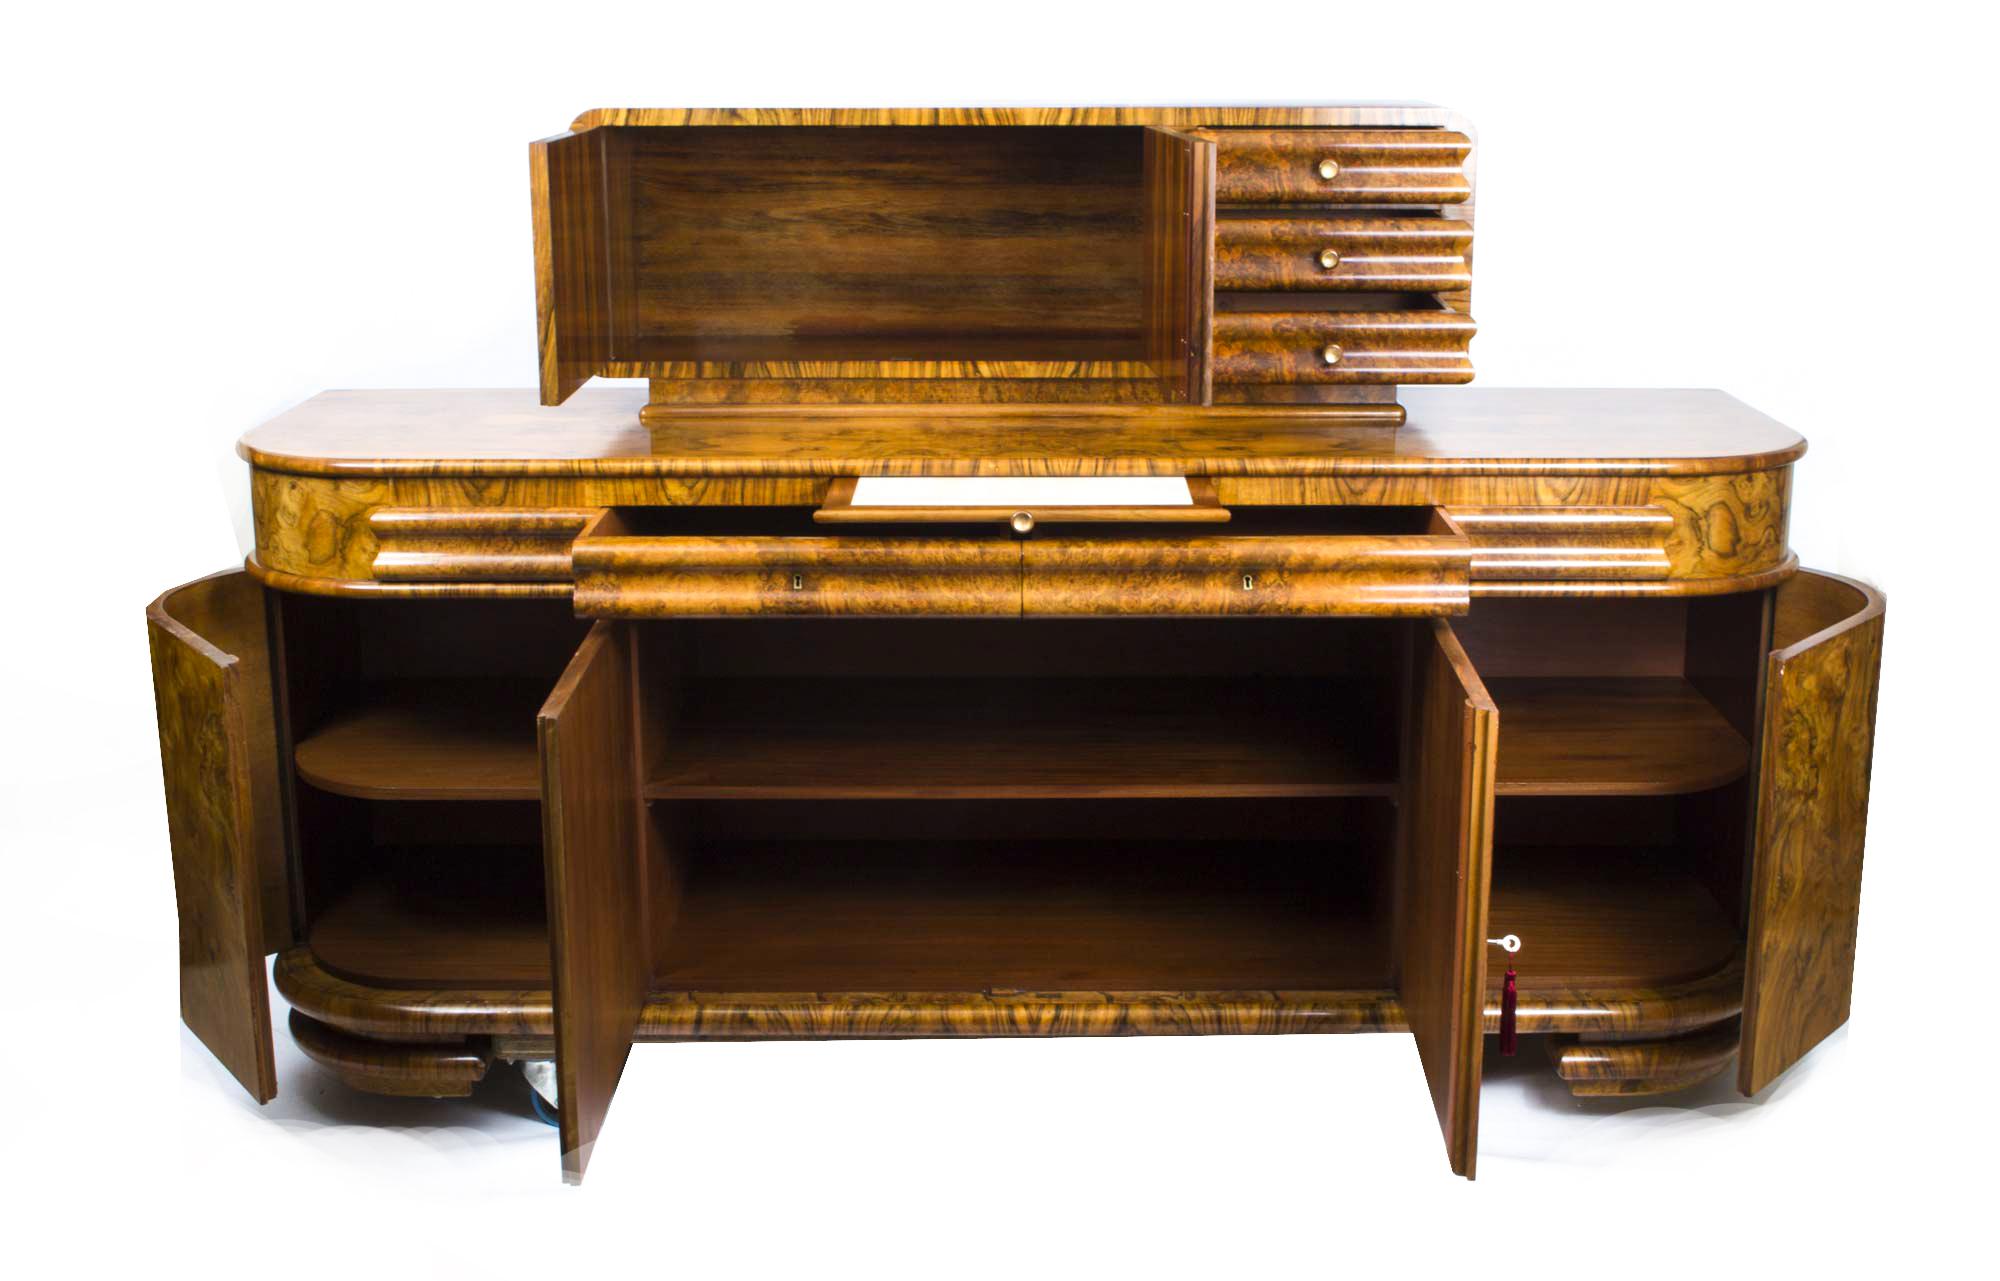 regent antiques sideboards antique art deco walnut sideboard drinks cabinet c1920. Black Bedroom Furniture Sets. Home Design Ideas